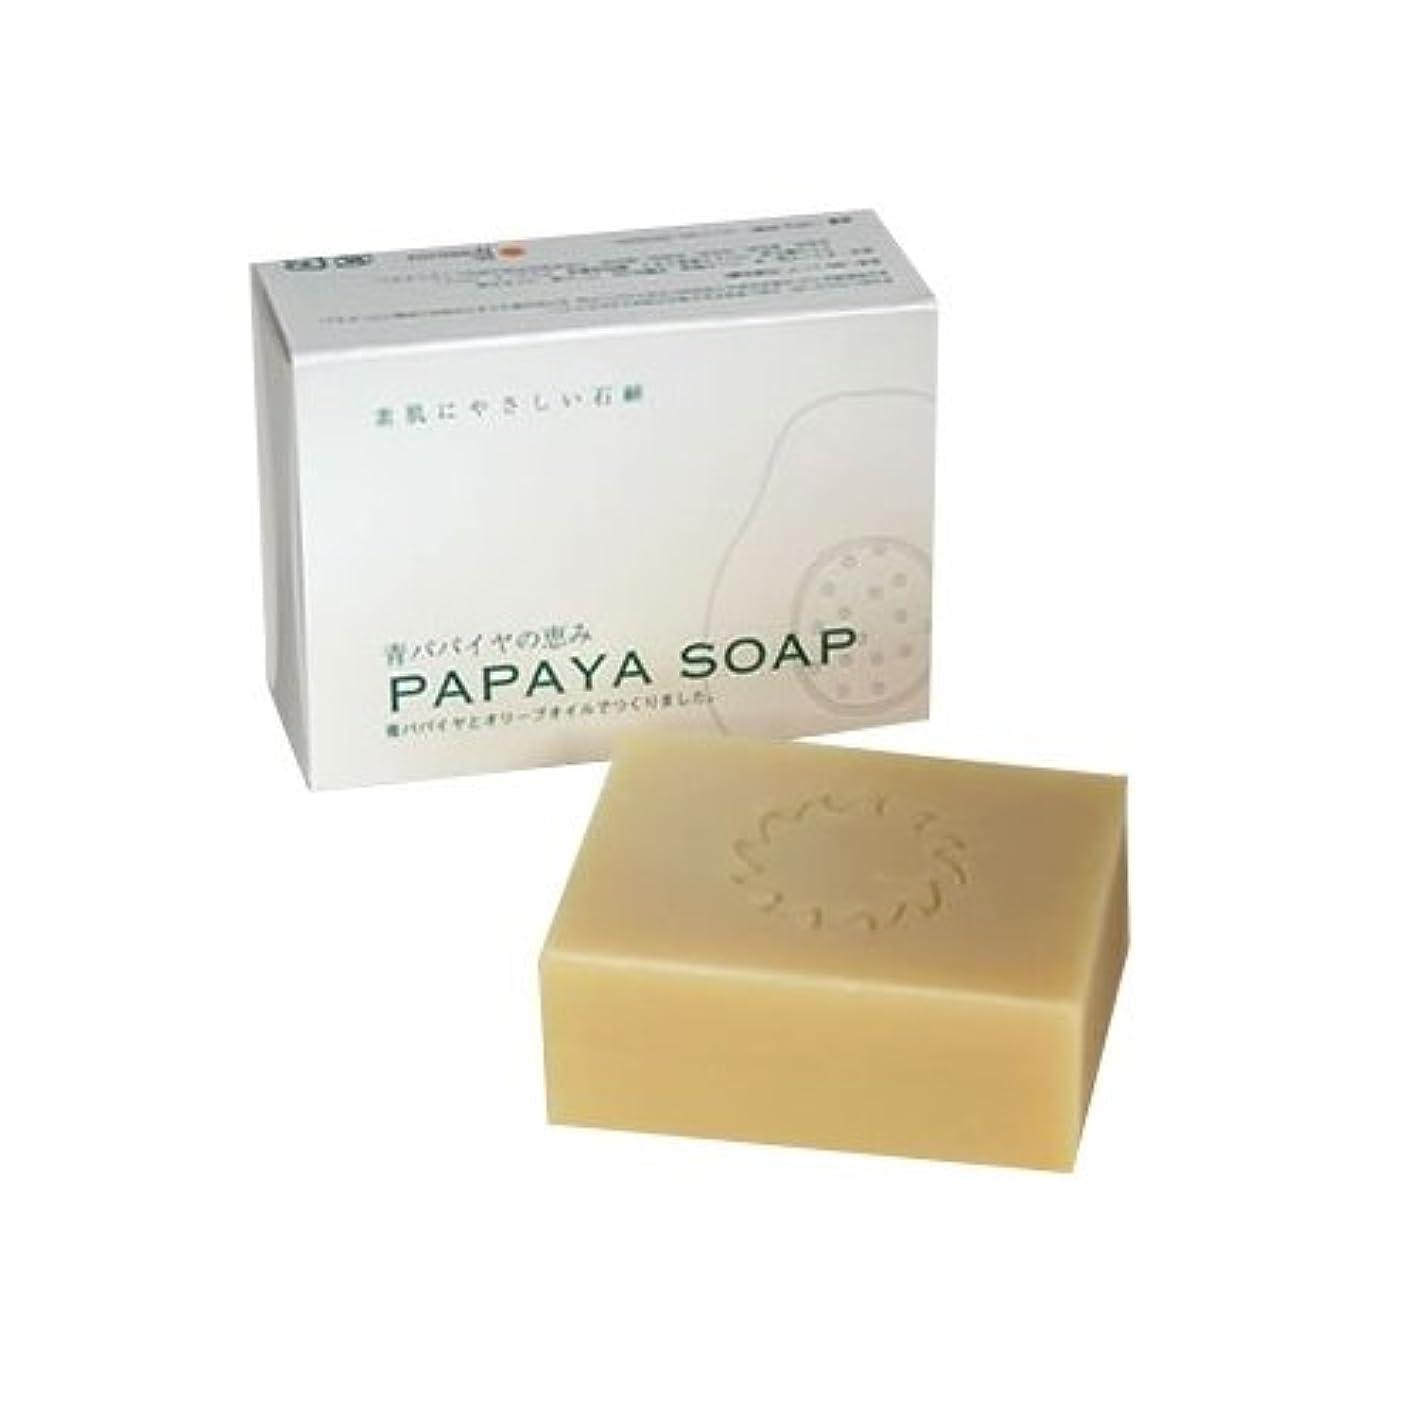 乳白パンツ同一性青パパイヤの恵み PAPAYA SOAP(パパイヤソープ) 100g